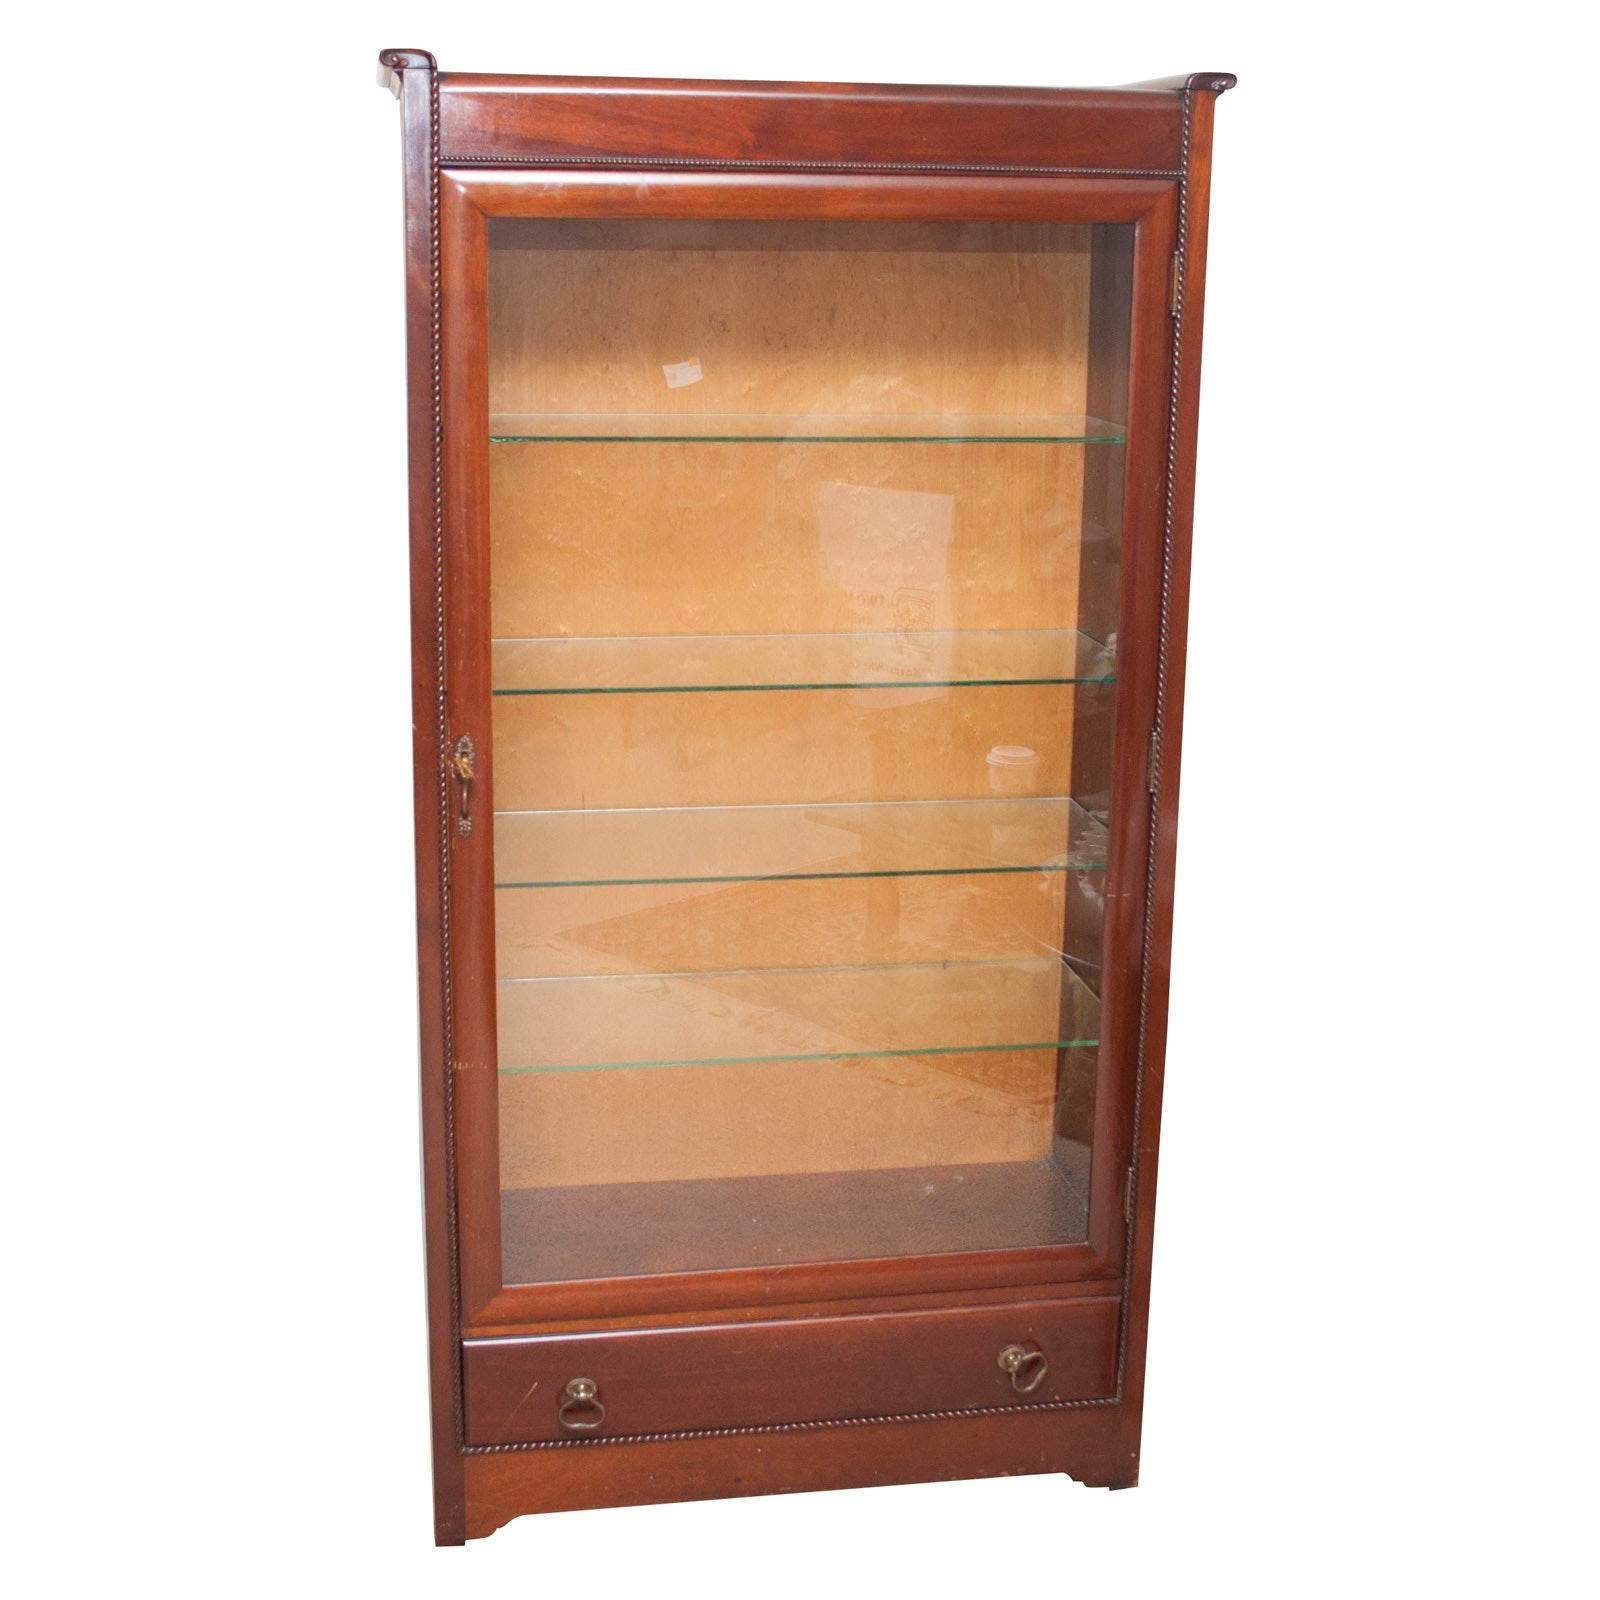 Regency Style Mahogany Display Cabinet, Mid-20th Century